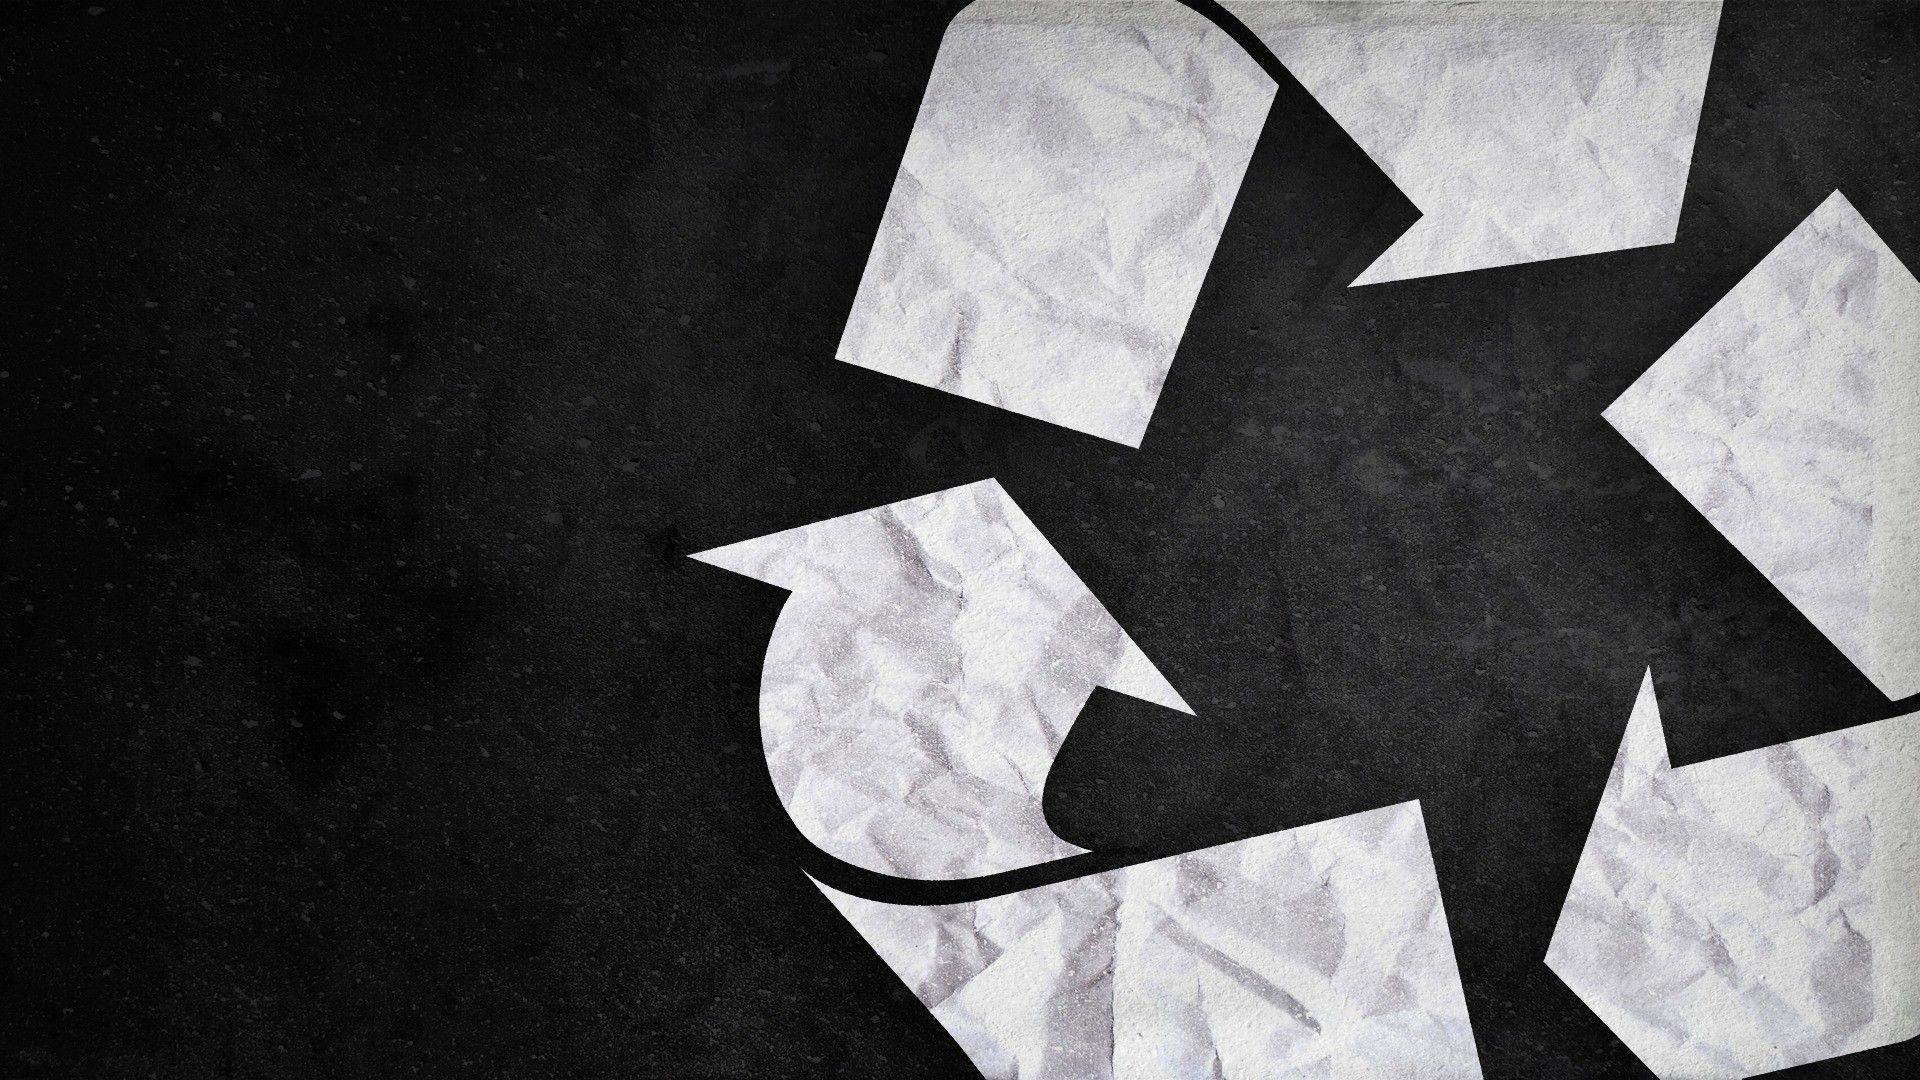 آموزش زمانبندی حذف فایل از سطل زباله ویندوز ۱۰ و مک